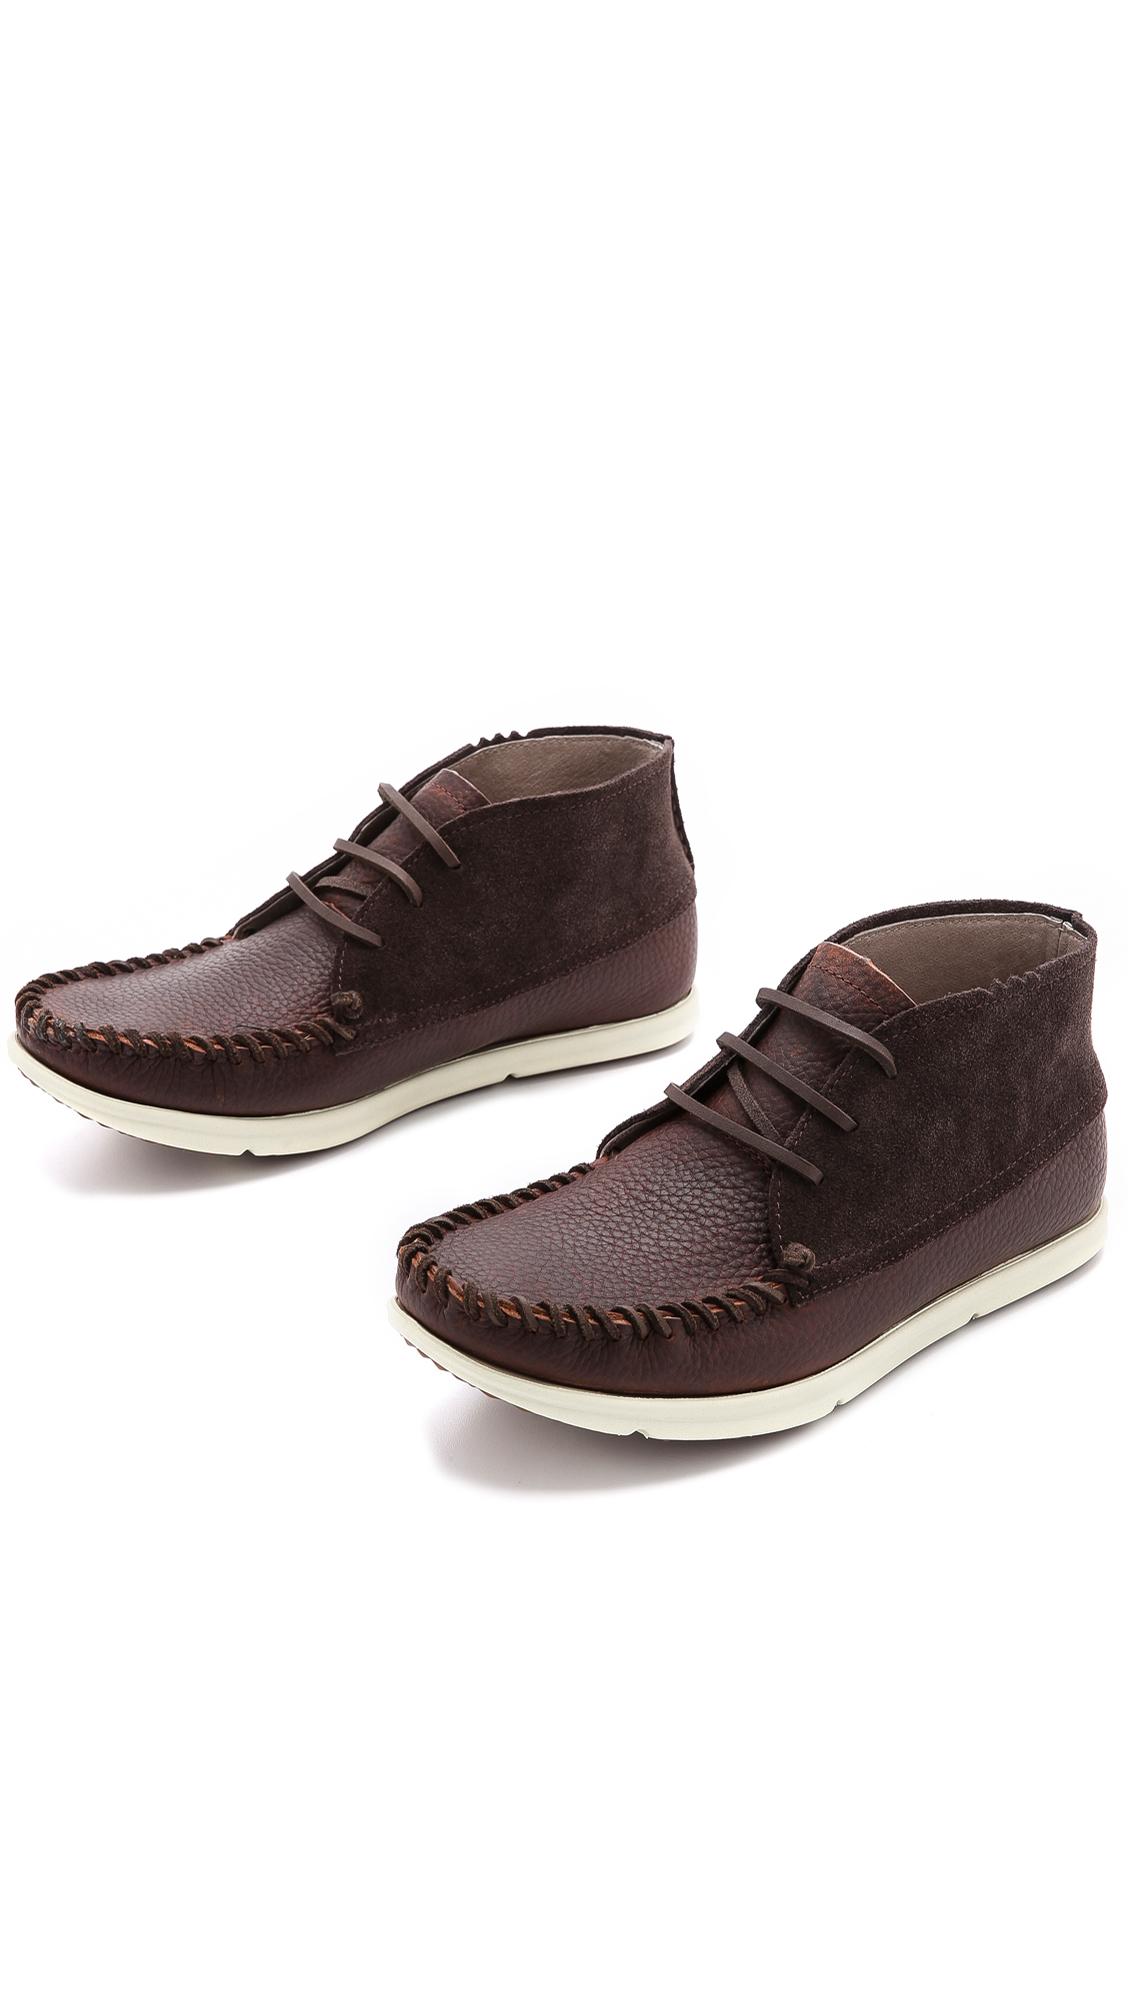 Ohw Shoes Sizing